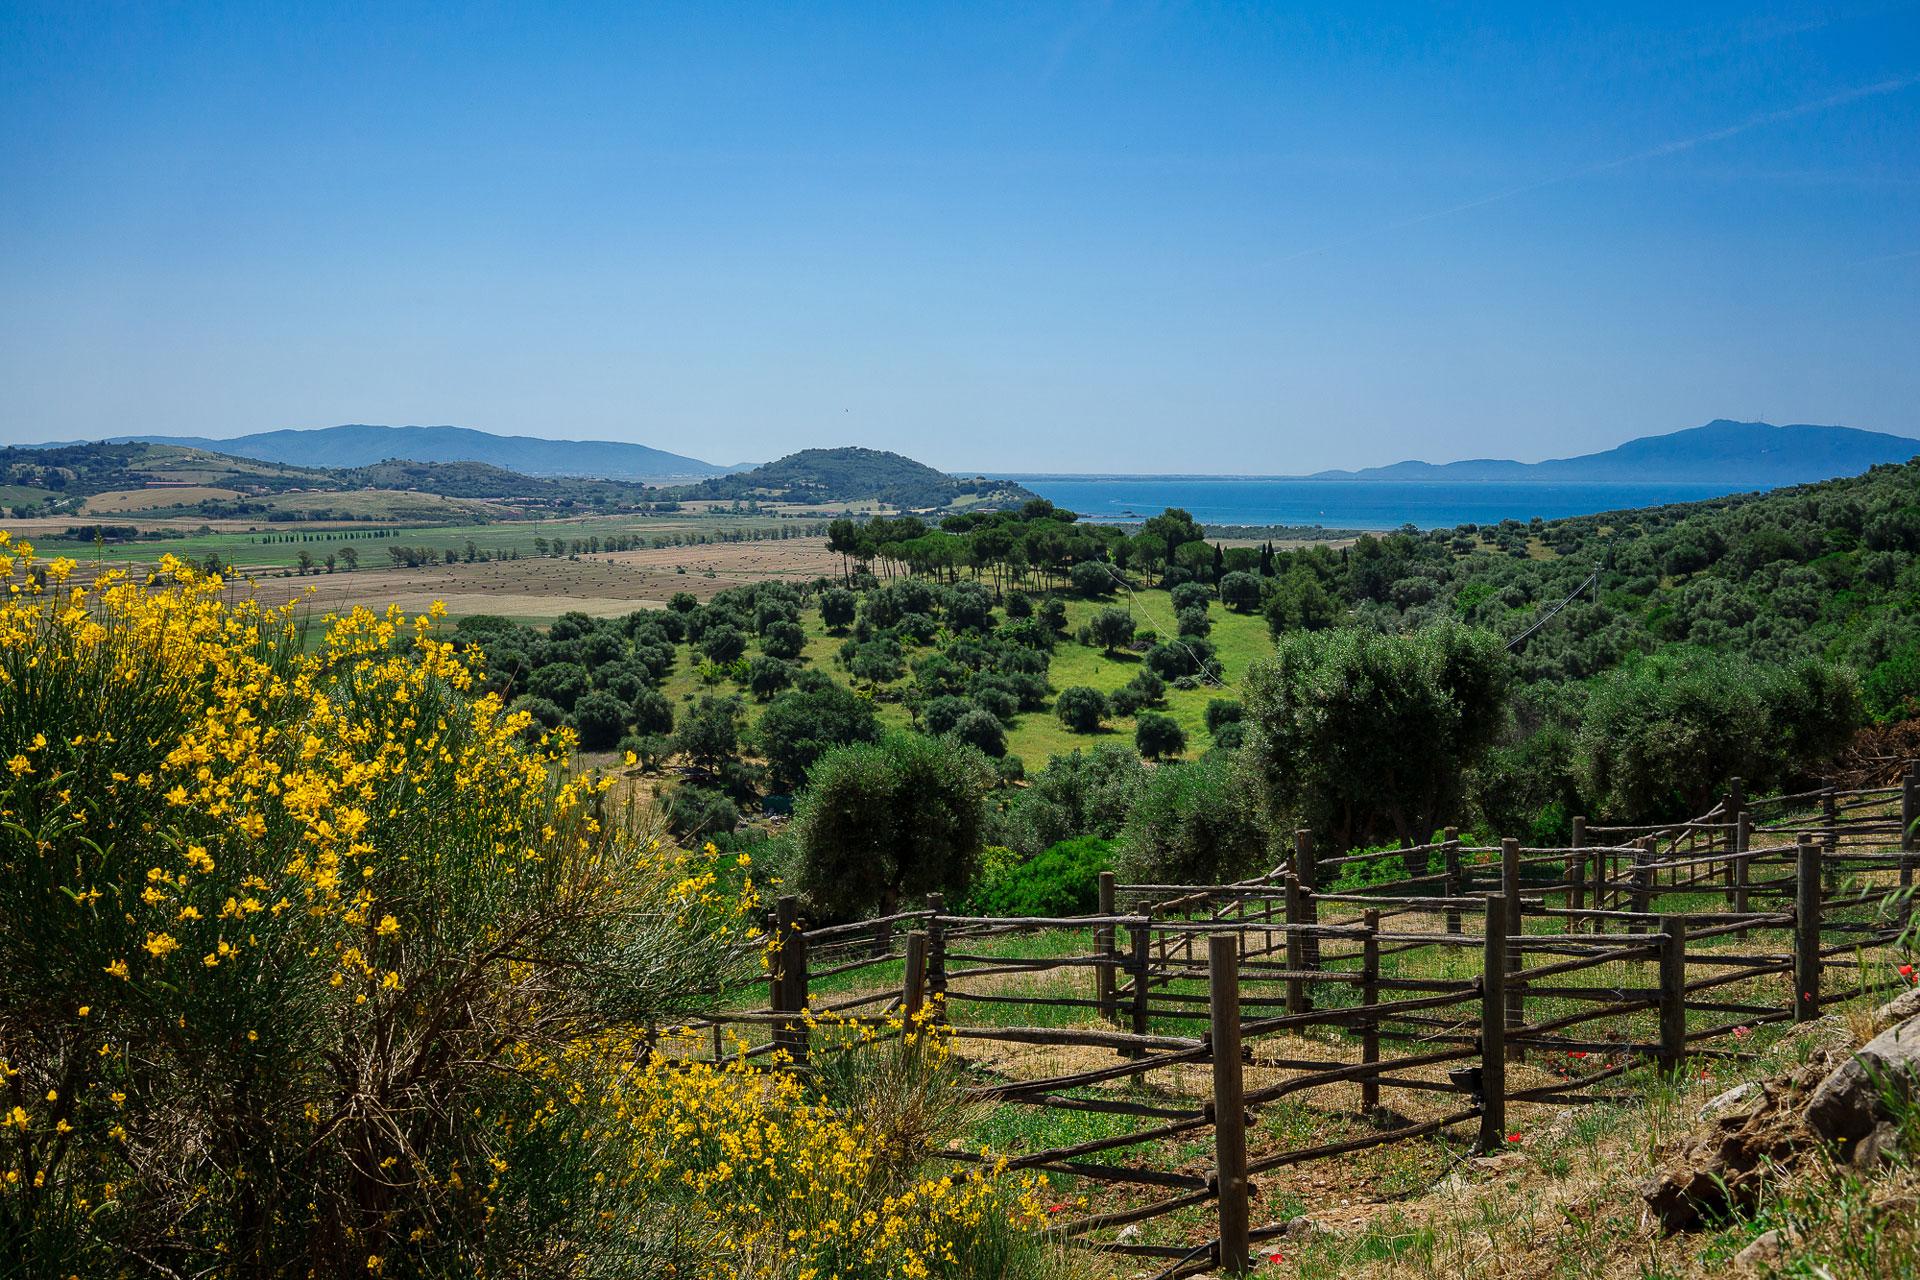 Agriturismo Parco della Maremma